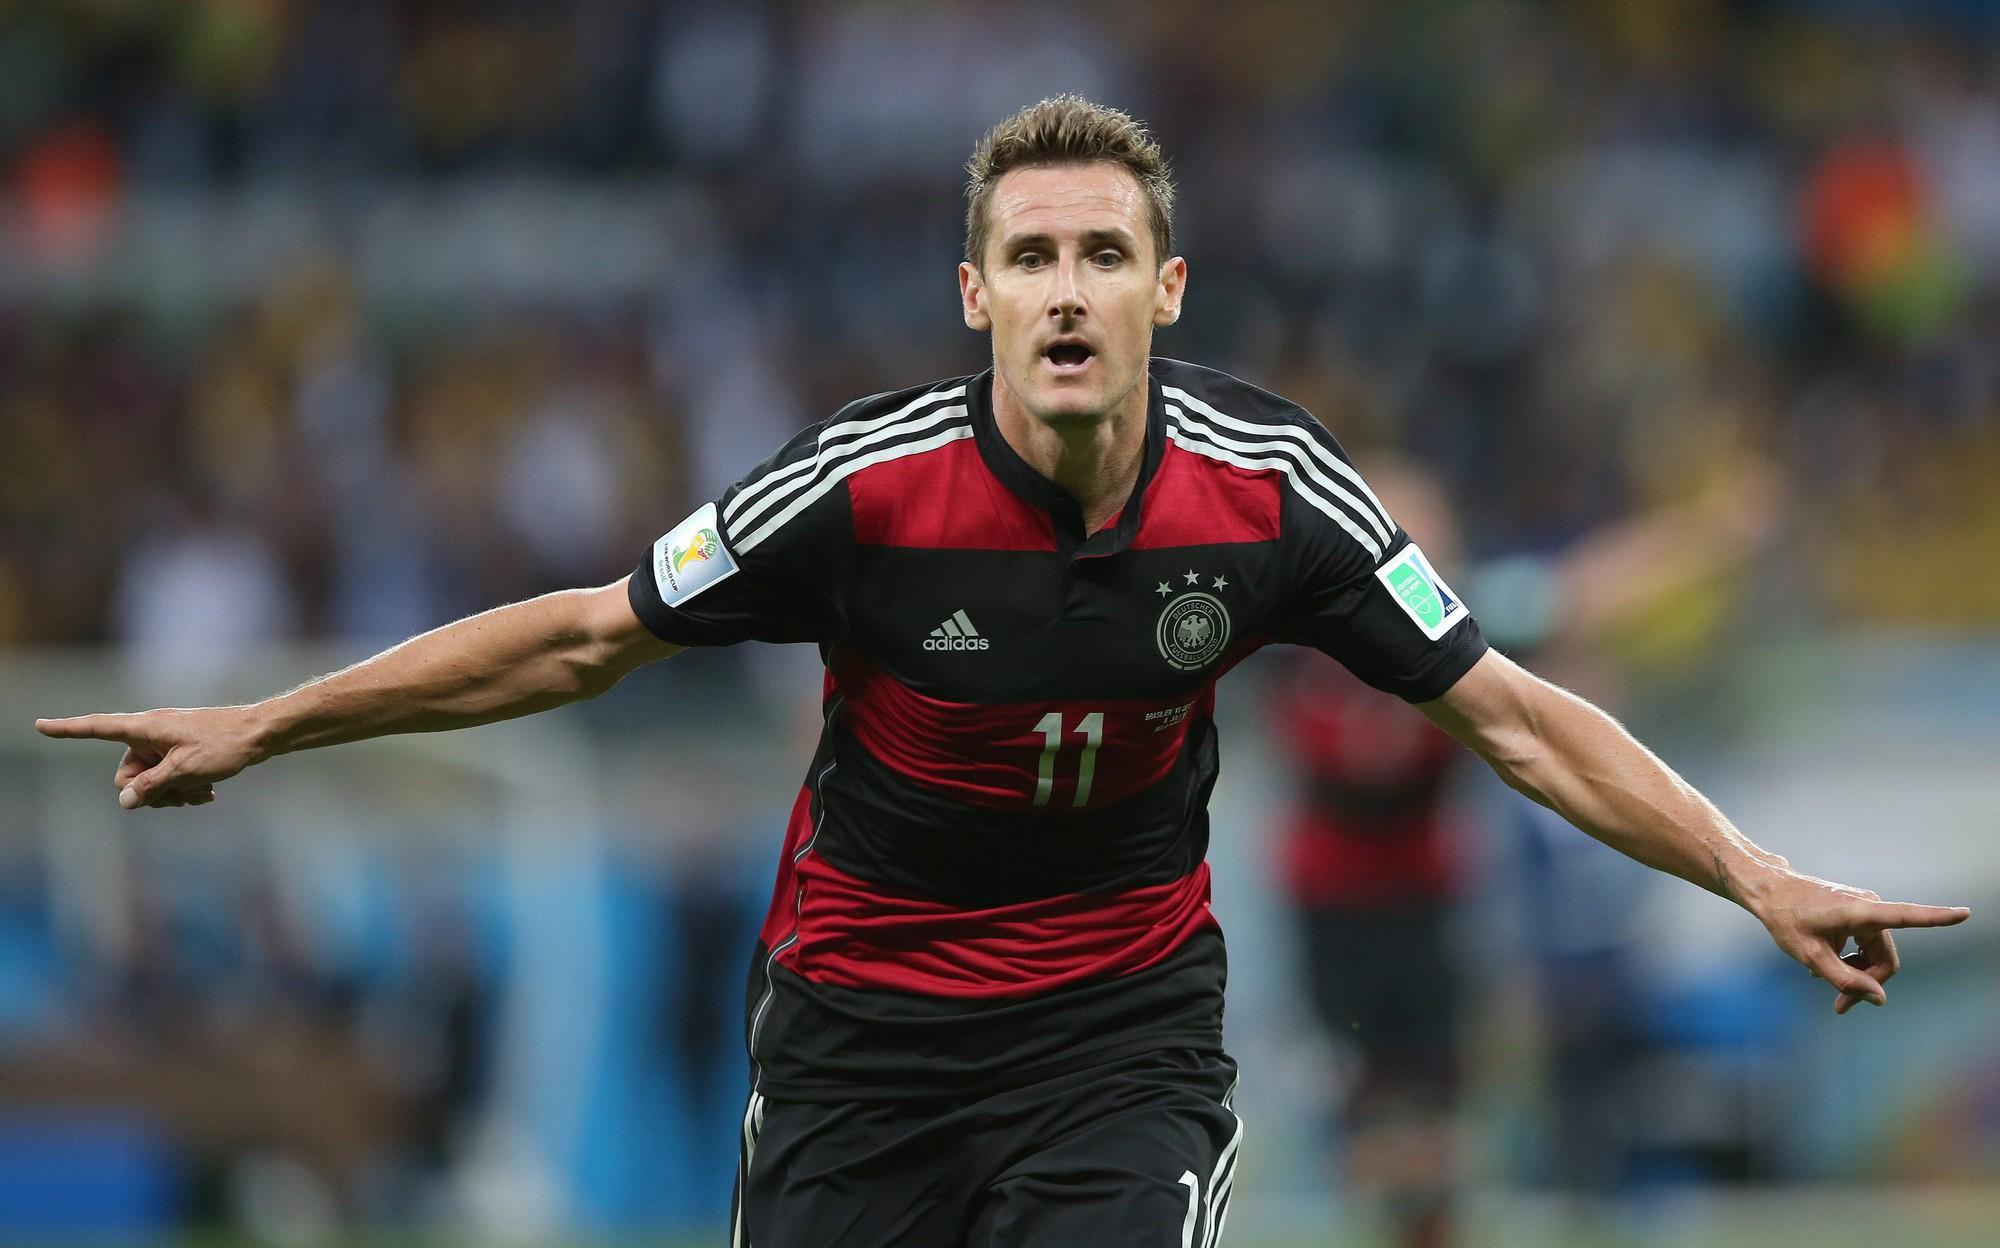 Rượu vang đỏ là bí quyết của kỷ lục gia World Cup Klose